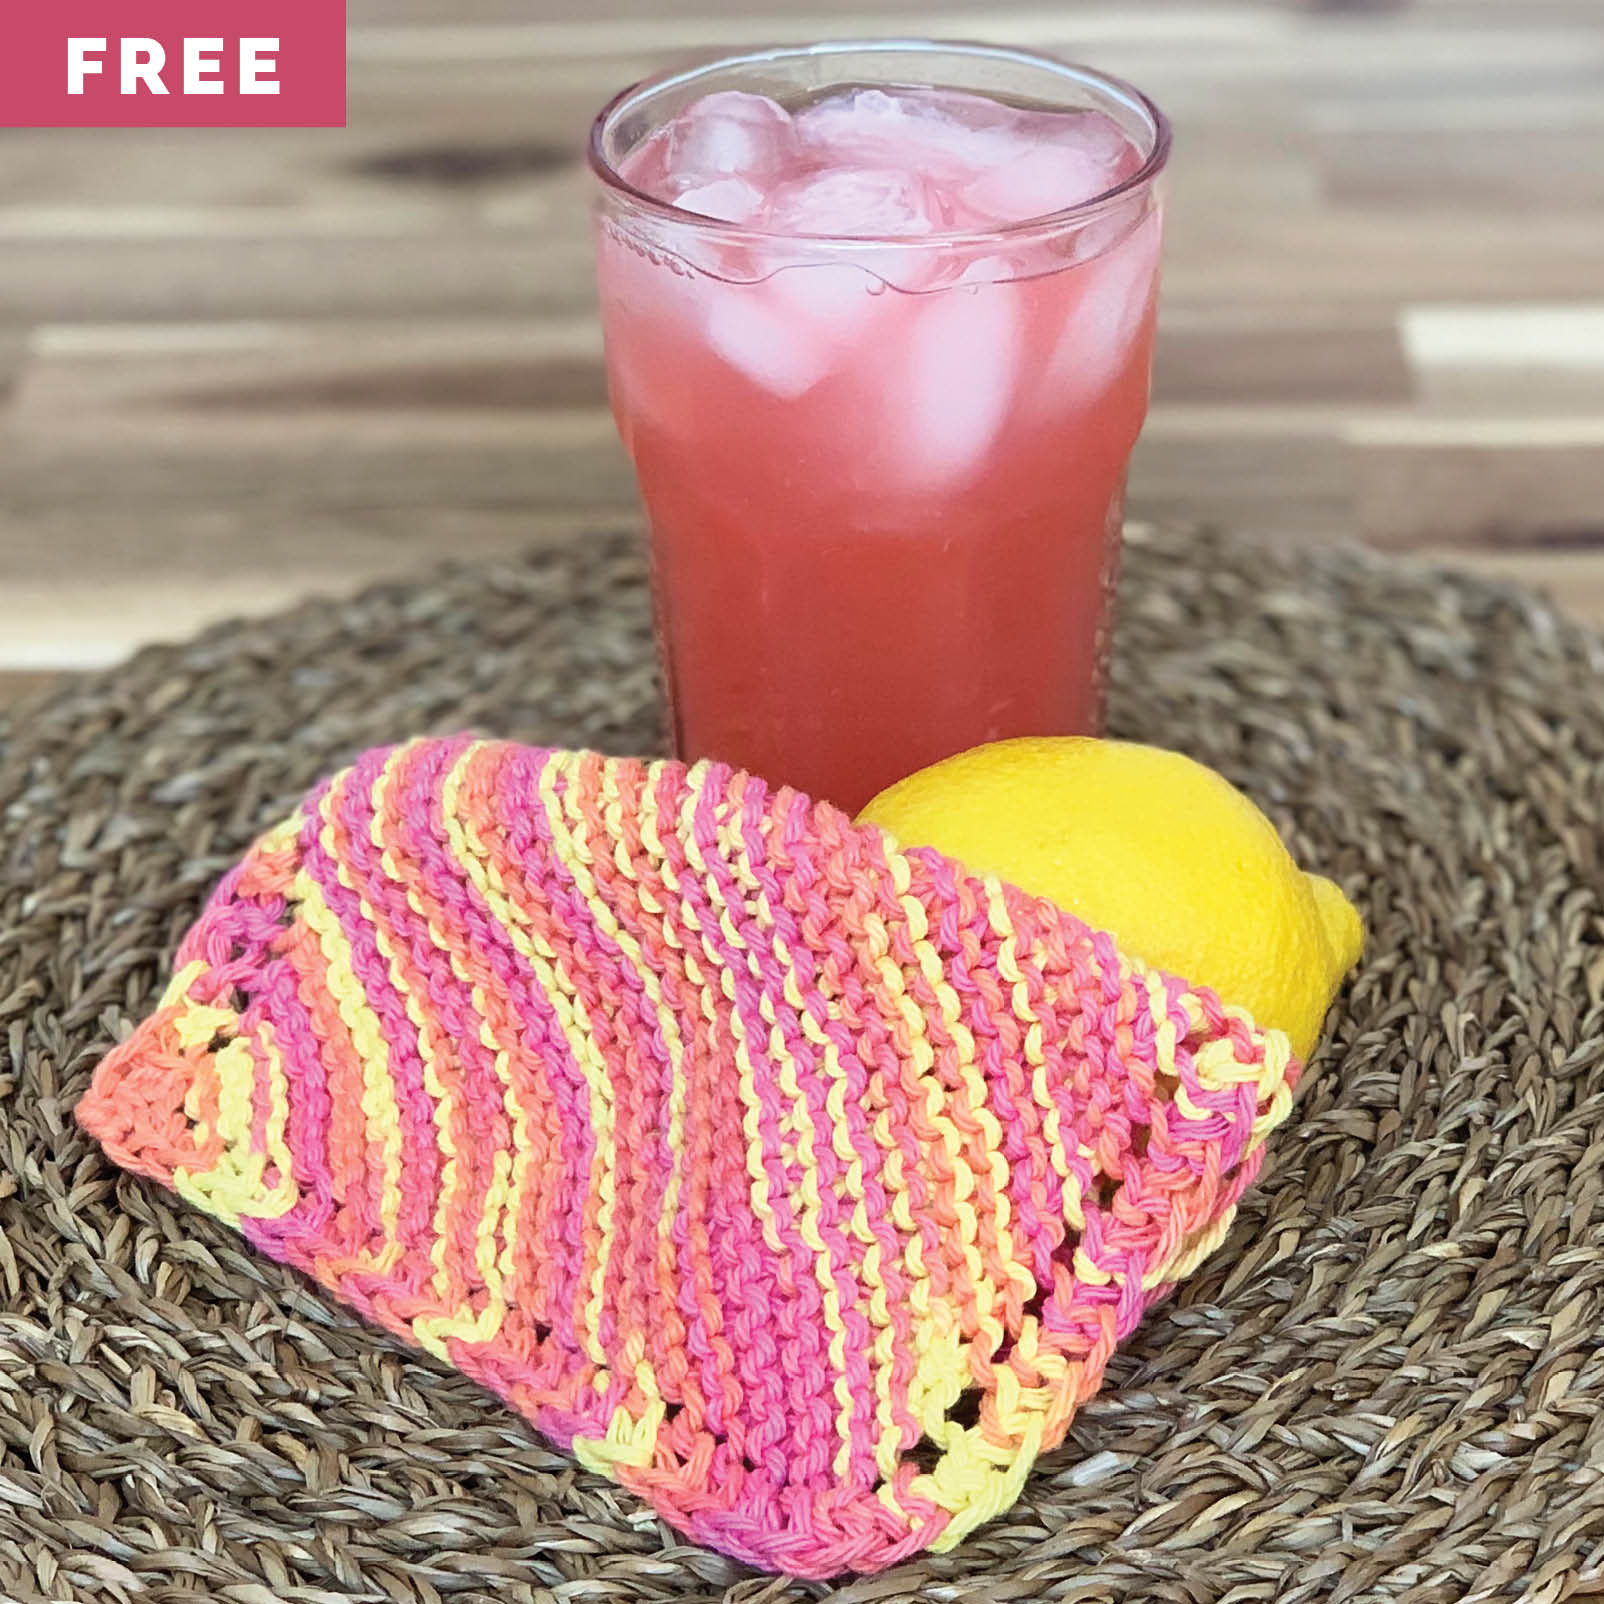 Free Knitting Pattern - Pink Lemonade Dishcloth